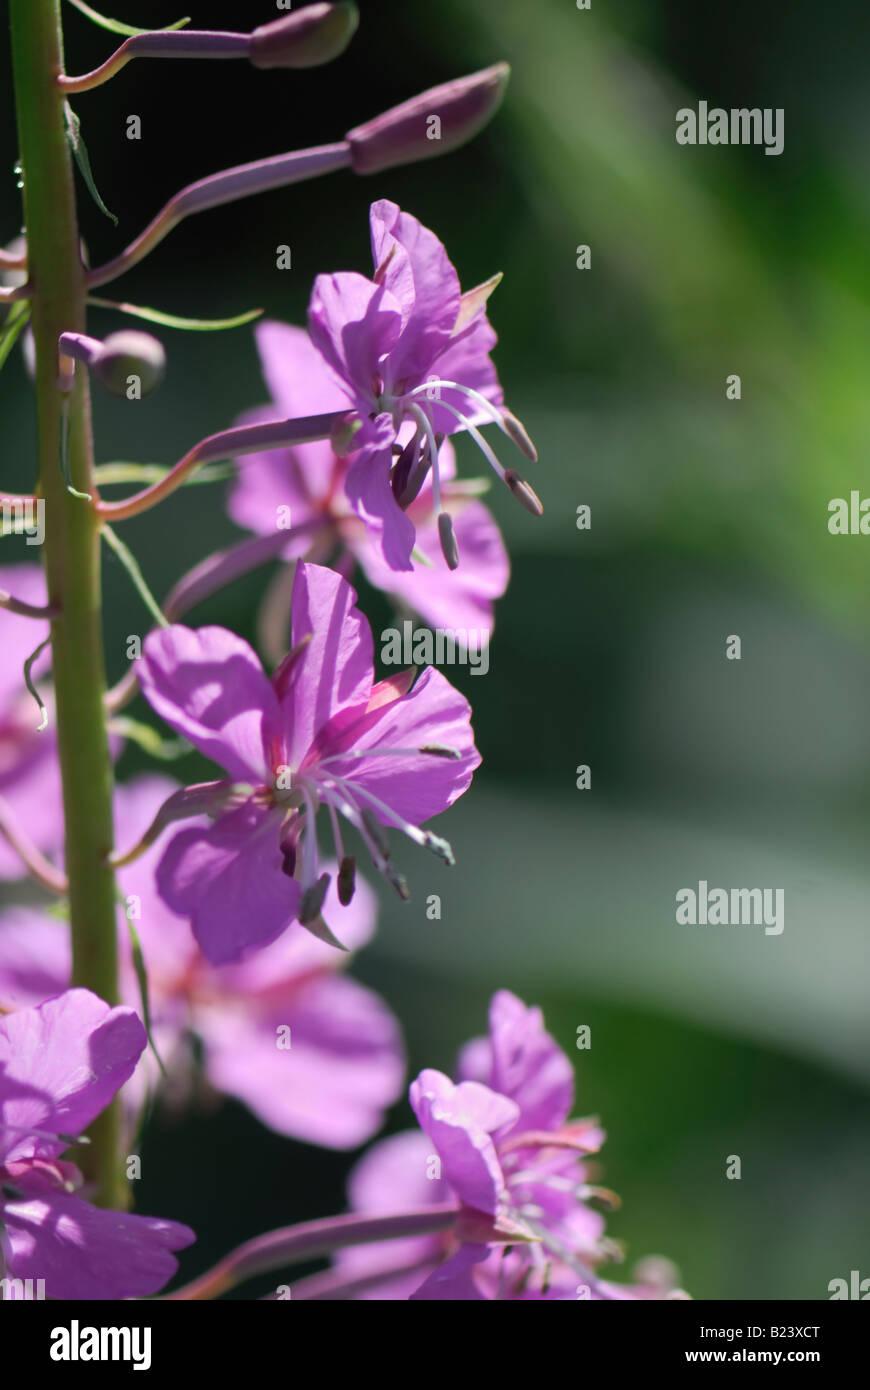 fireweed blooming sally rosebay willow herb great willow herb Epilobium angustifolium blooming Stock Photo